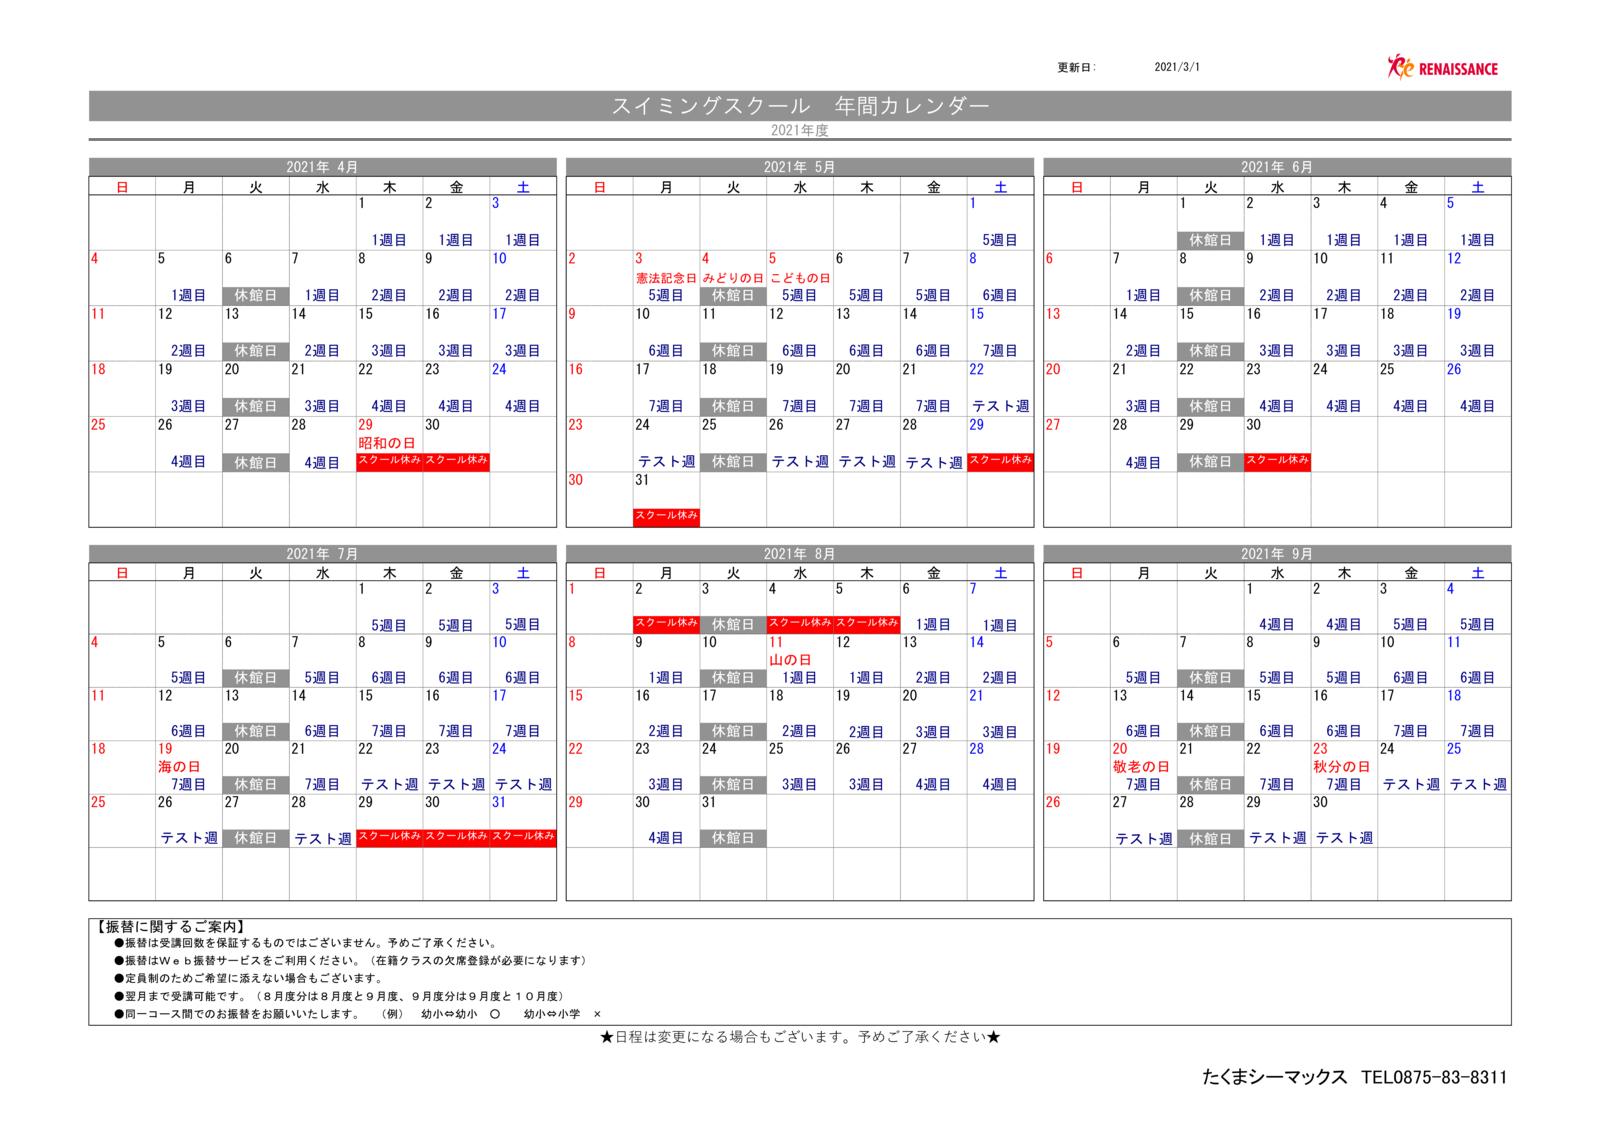 【SW】HP掲載用カレンダー6ヶ月版_2021のサムネイル